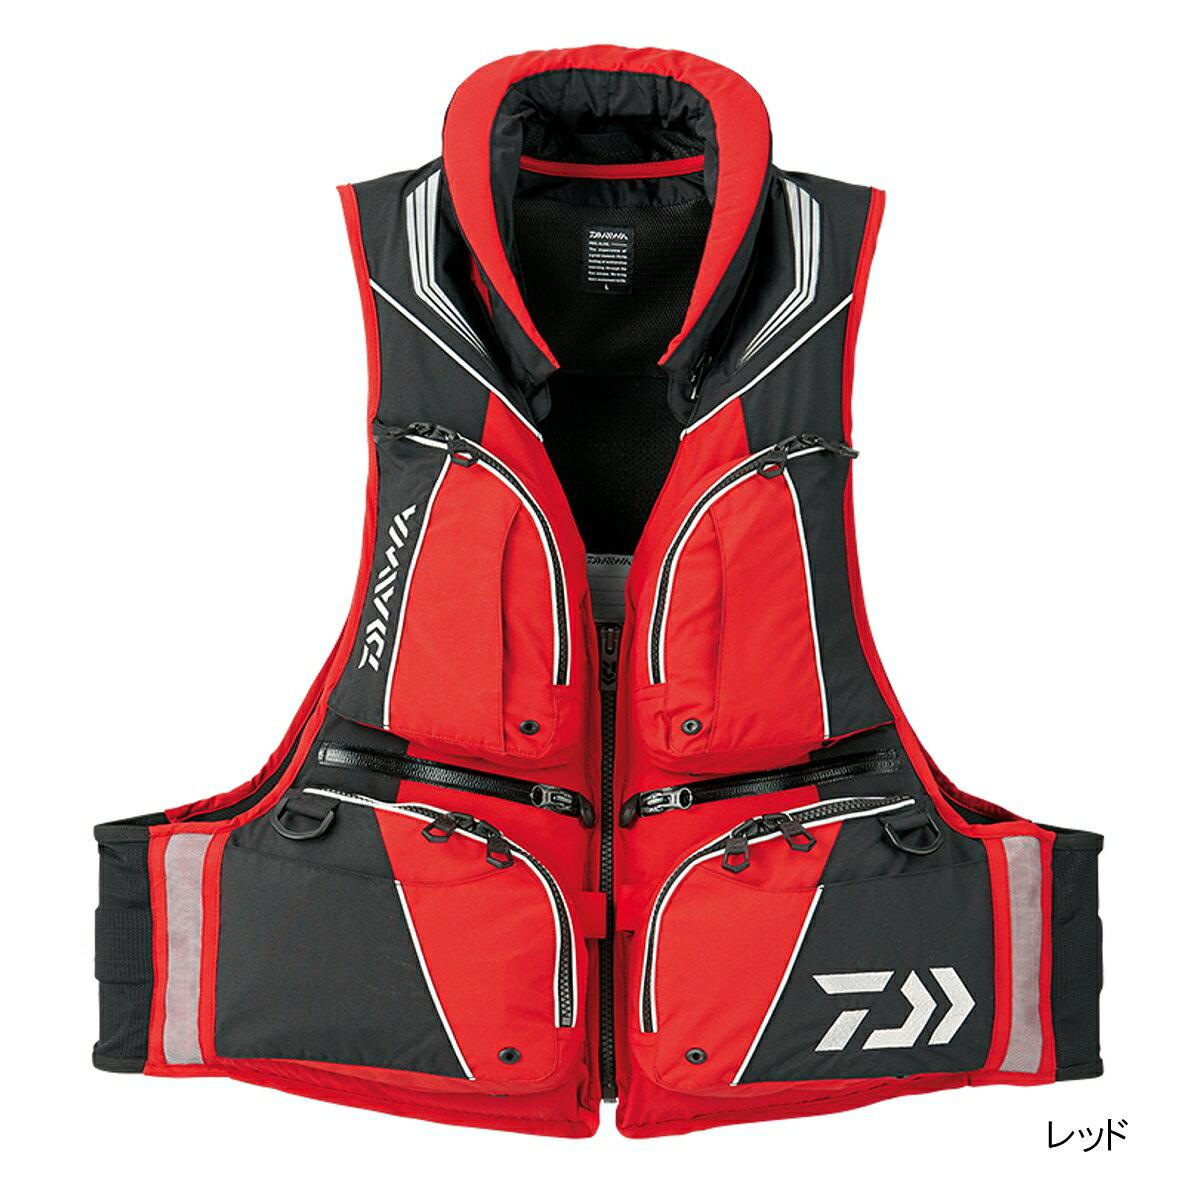 ダイワ トーナメント バリアテック 枕つきサイバーフロート DF-3508 L レッド【送料無料】